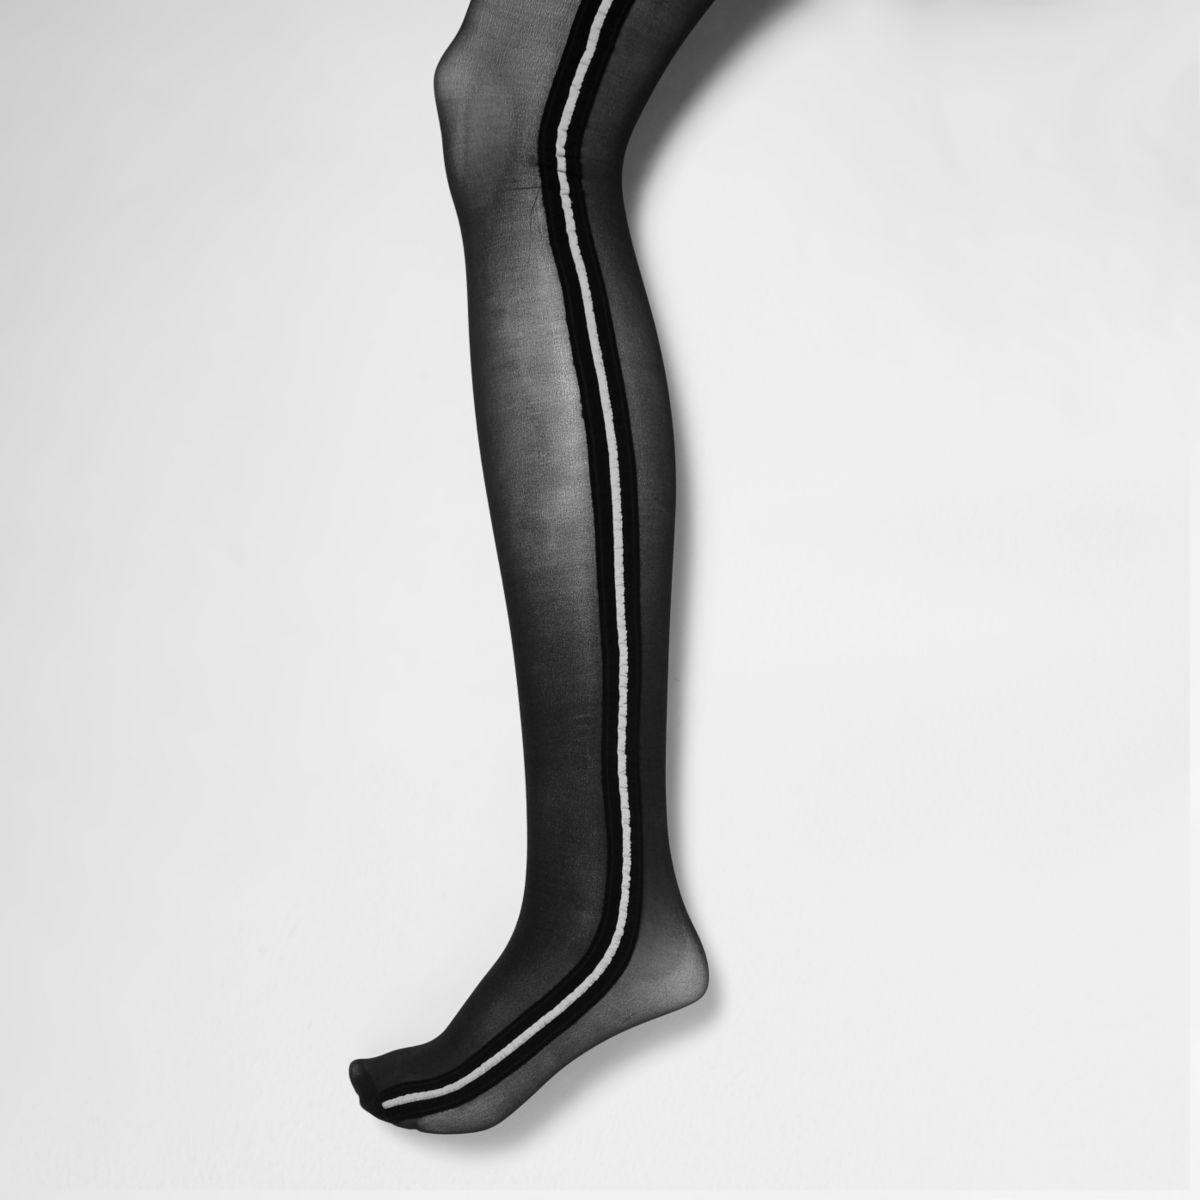 Schwarze Strumpfhose mit sportlichen Streifen